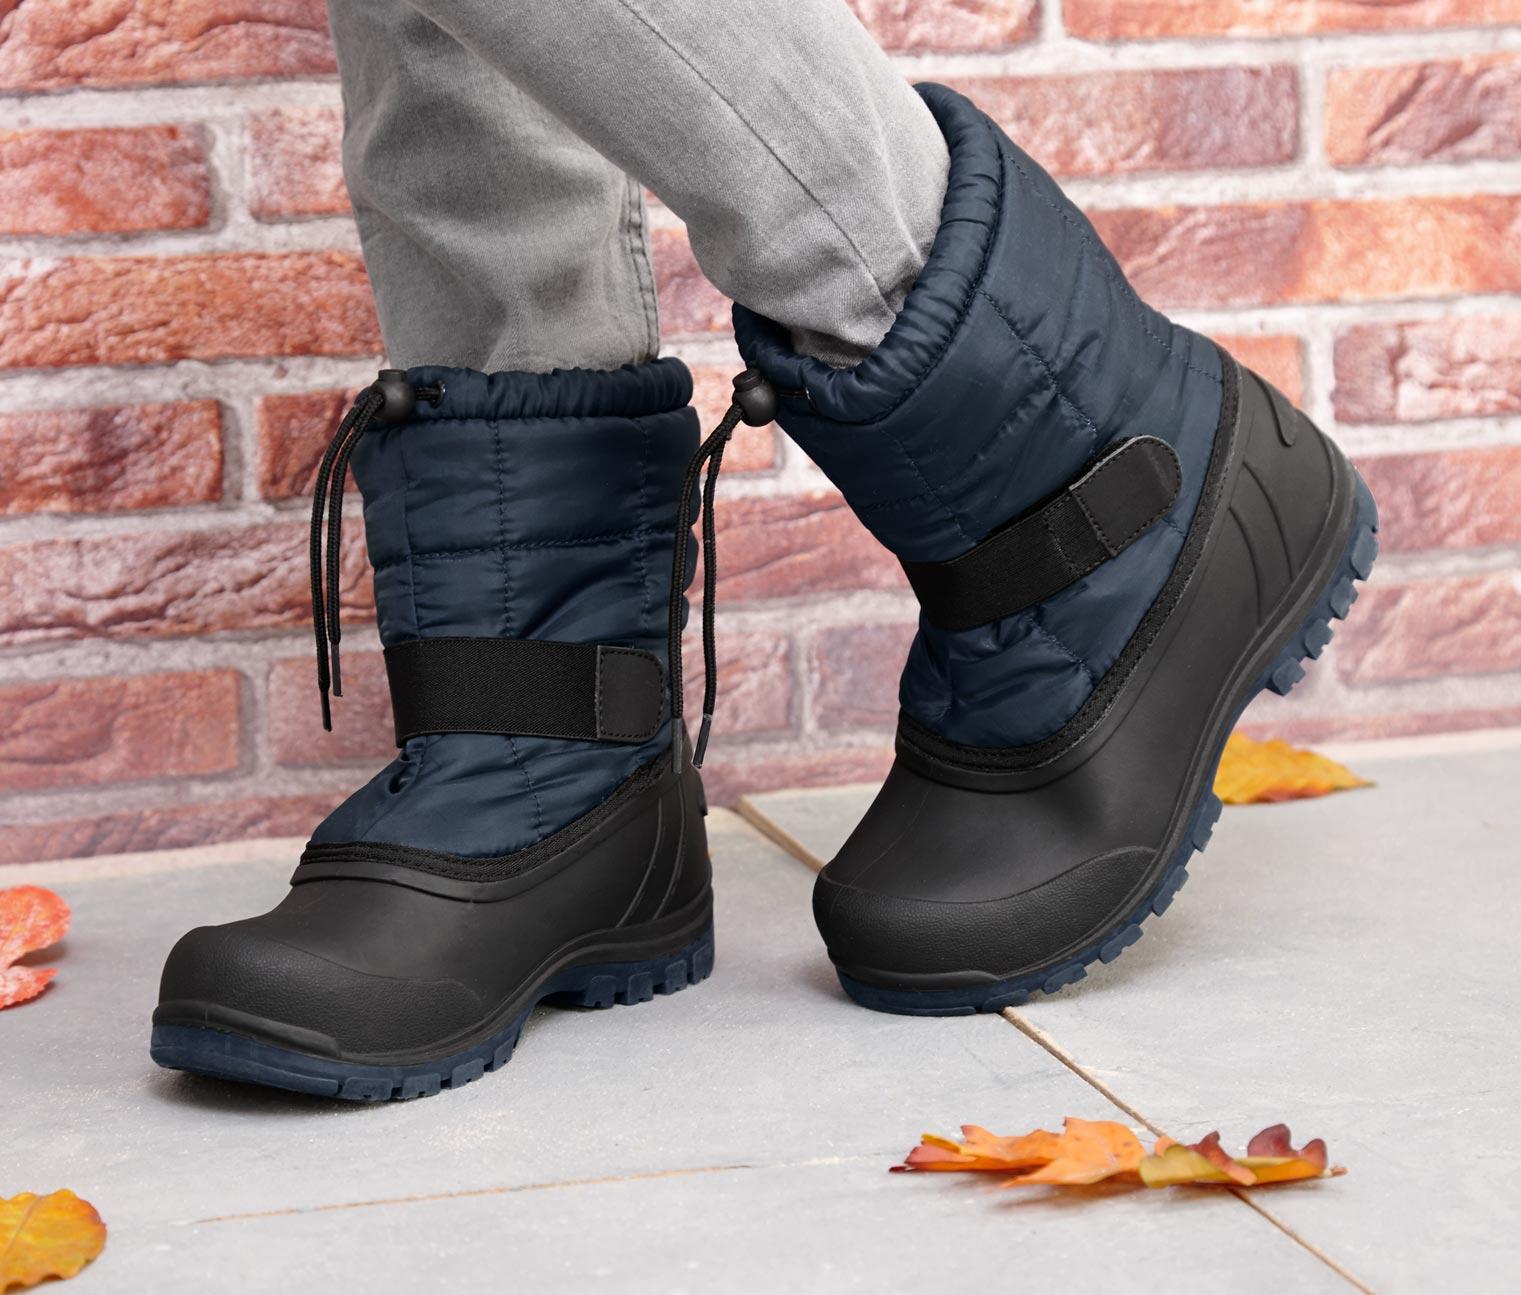 Buty dziecięce/damskie na trudne warunki za 59,95zł +darmowa dostawa @ Tchibo